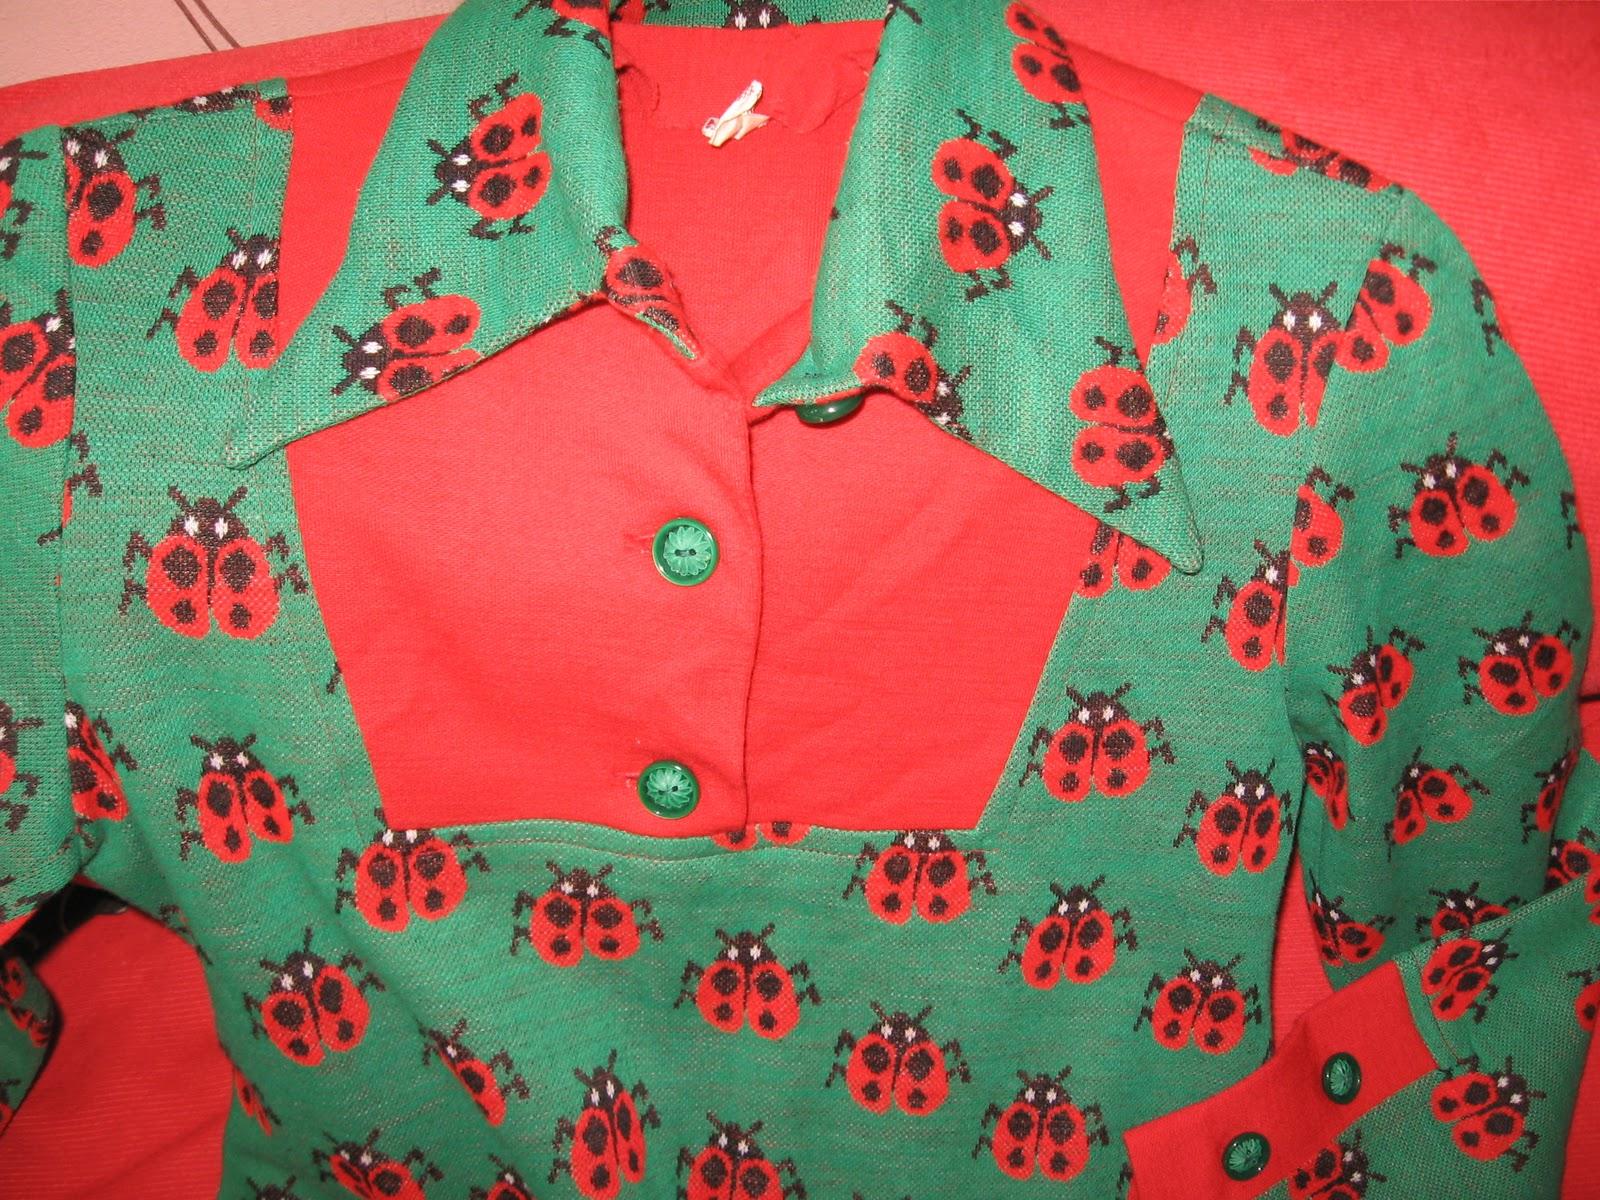 zareptas krukke: ZAREPTAS lille nettbutikk...klær-vintage/brukt